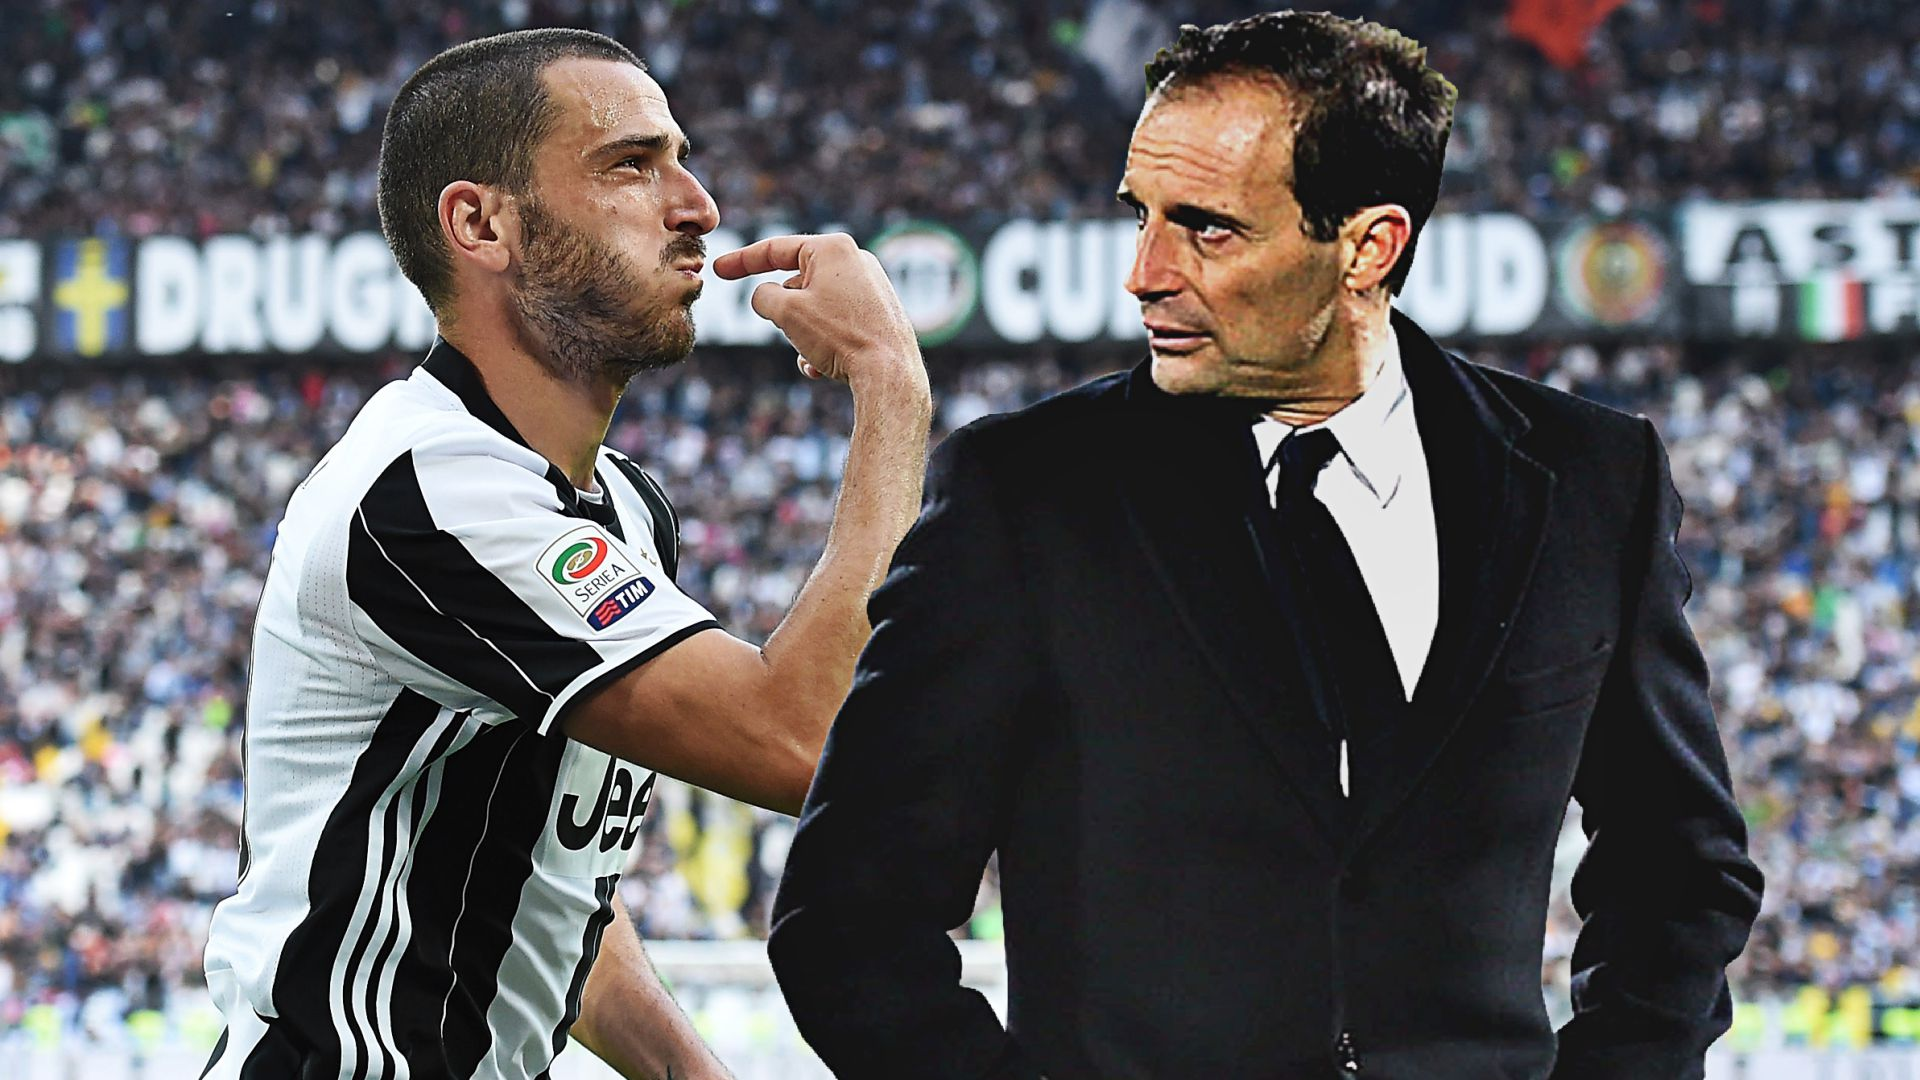 CLAMOROSO! Allegri furibondo con Bonucci: tribuna contro il Porto per il difensore